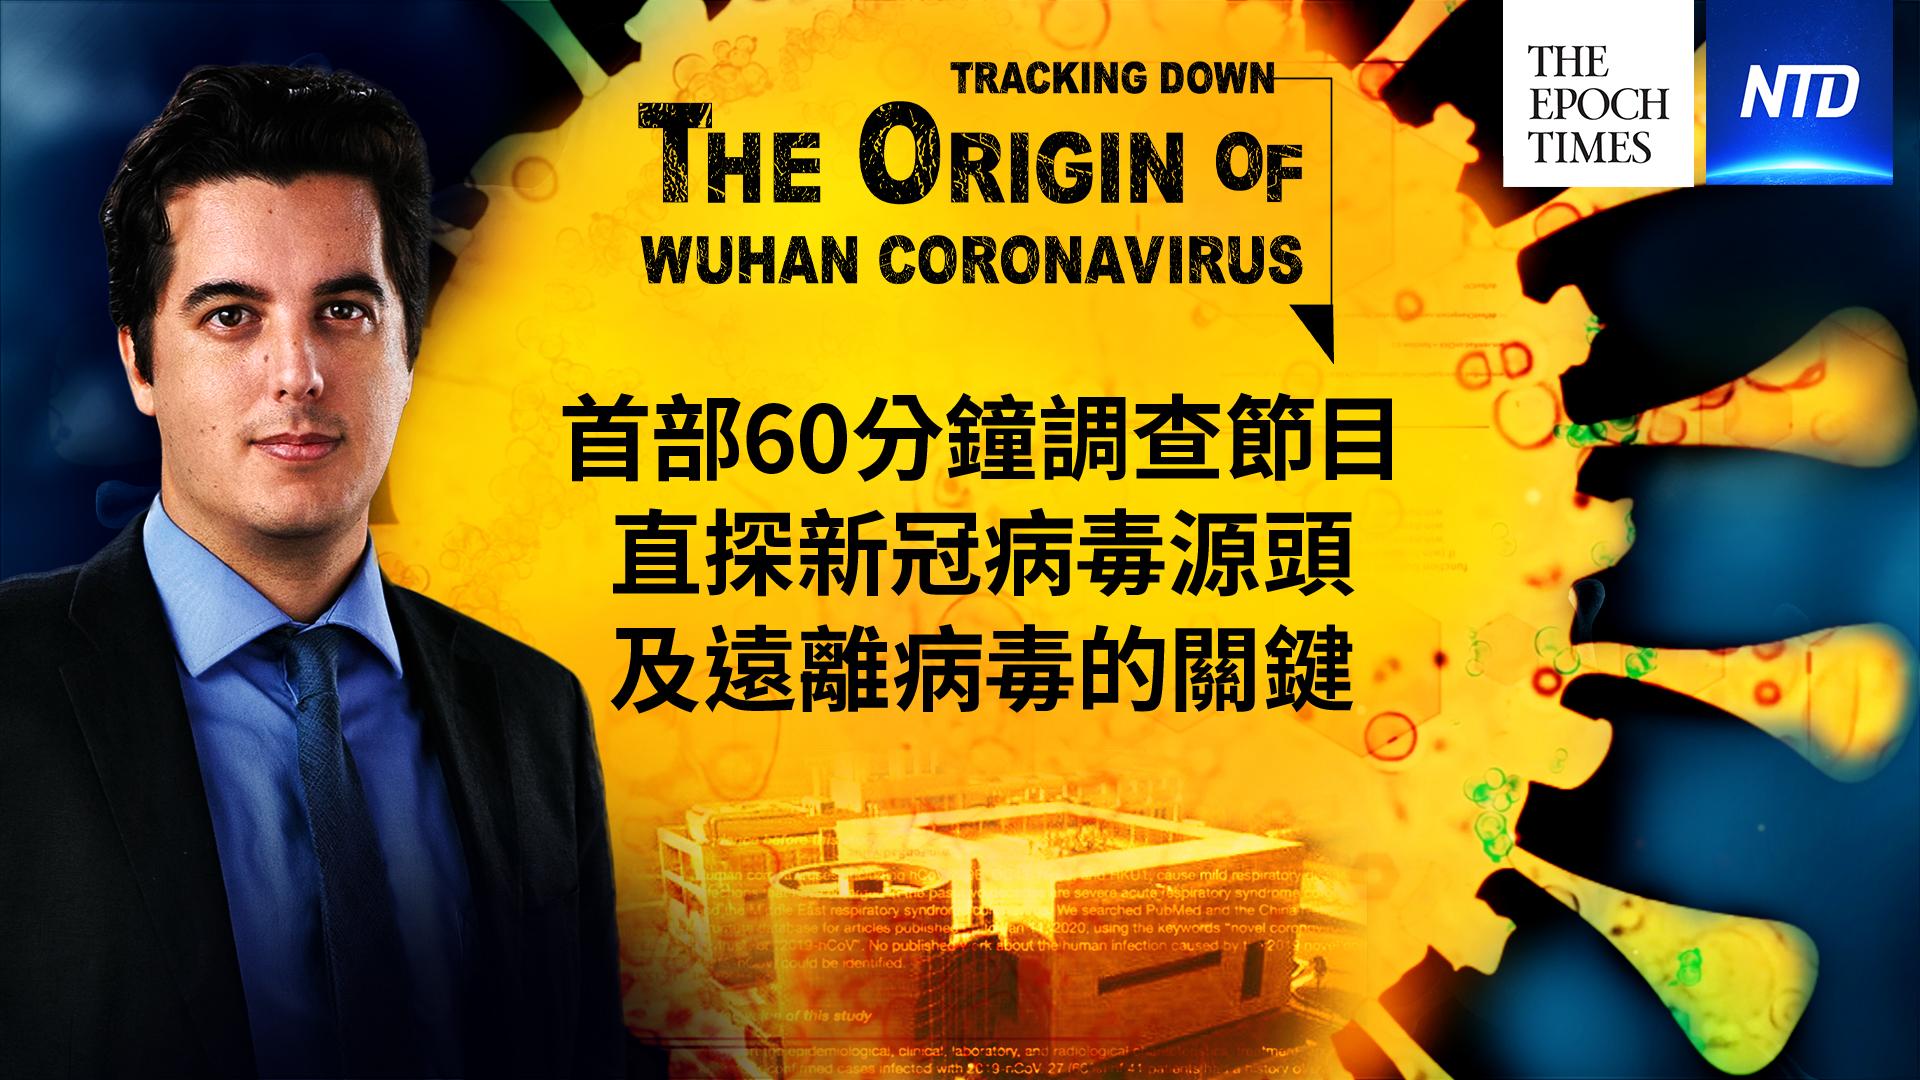 《大紀元》和新唐人聯合推出紀錄片《追查武漢冠狀病毒的源頭》,這是第一部探究中共病毒疫情真相的紀錄片。(大紀元)